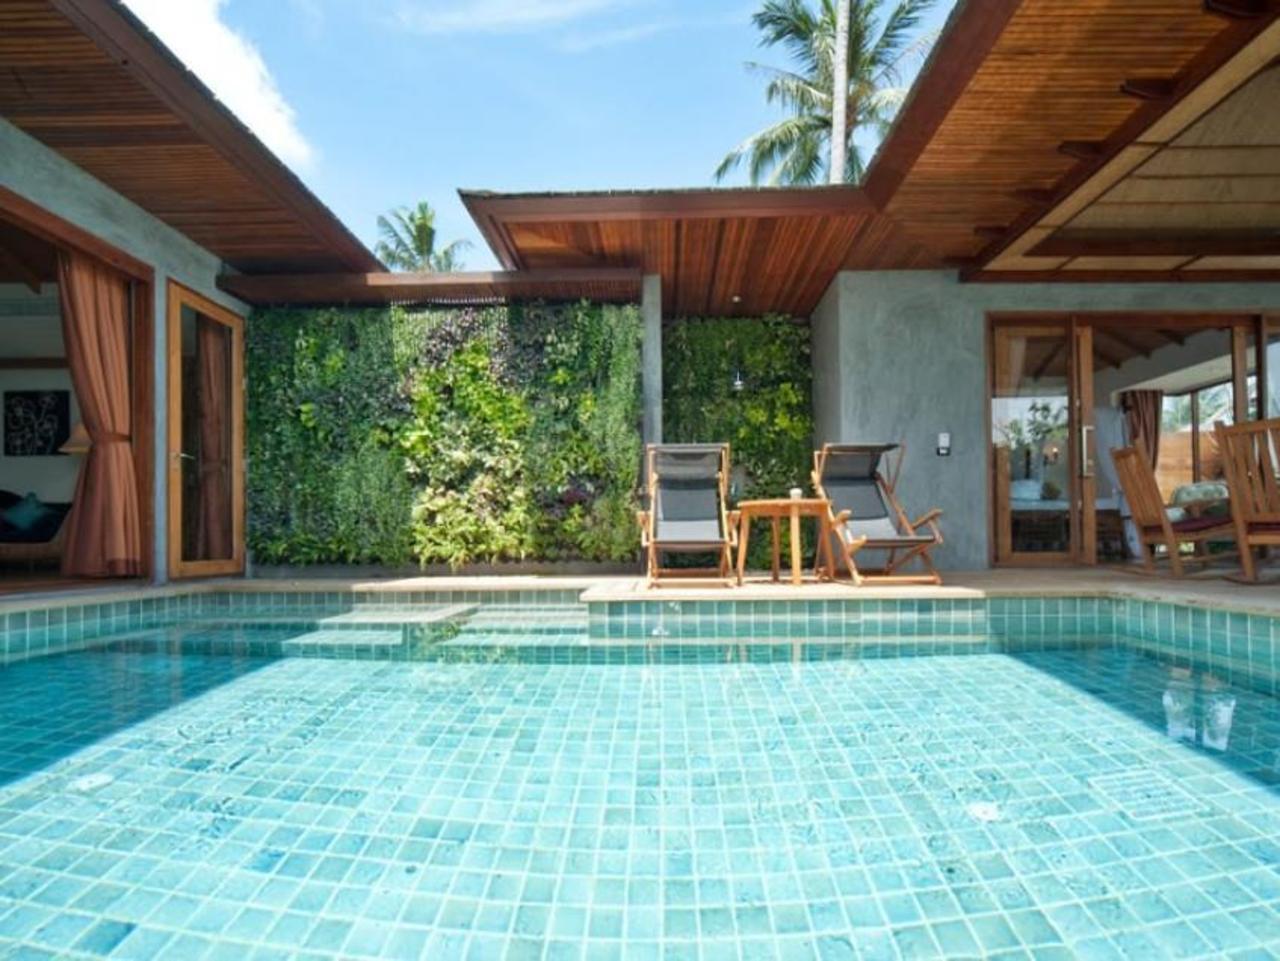 แทงโก้ ลักซ์ สมุย บีช วิลลา (Tango Luxe Samui Beach Villa)